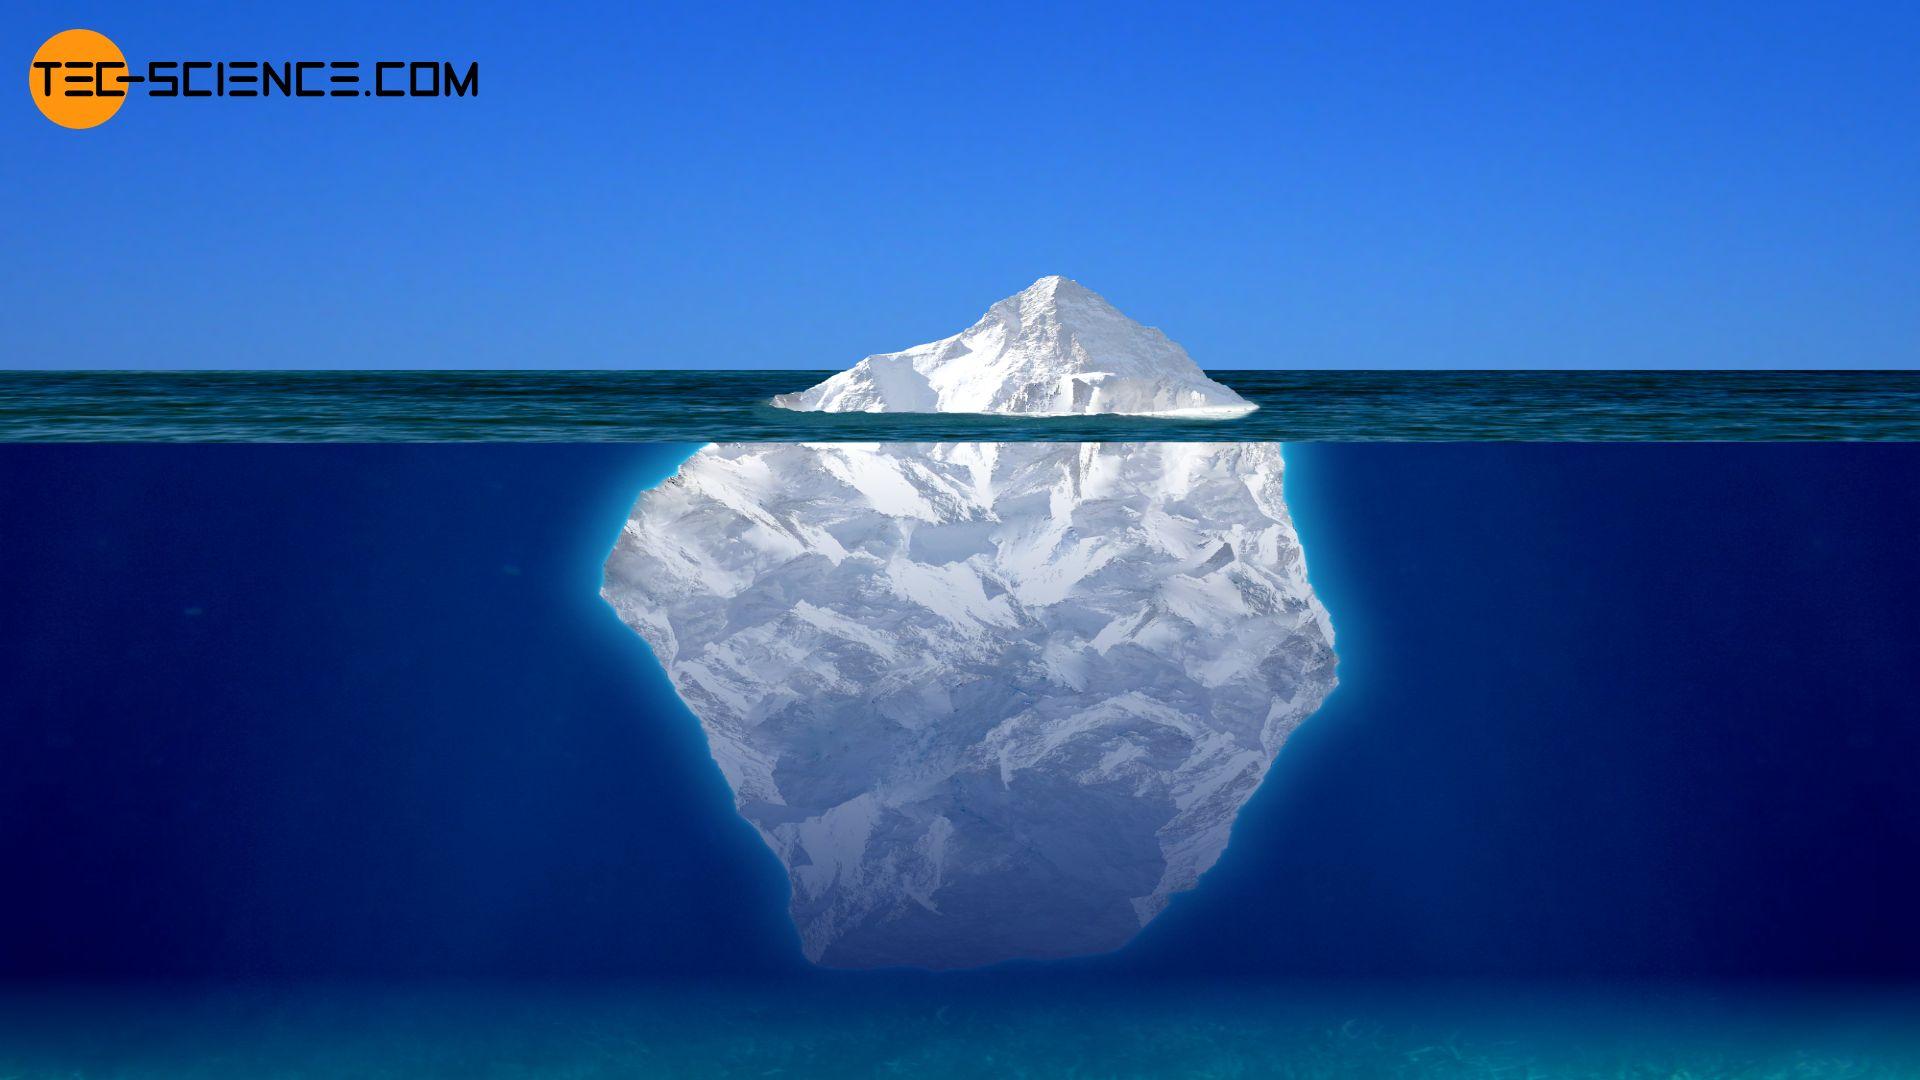 Ein Eisberg schwimmt auf dem Wasser, wobei sich der größte Teil unterhalb befindet